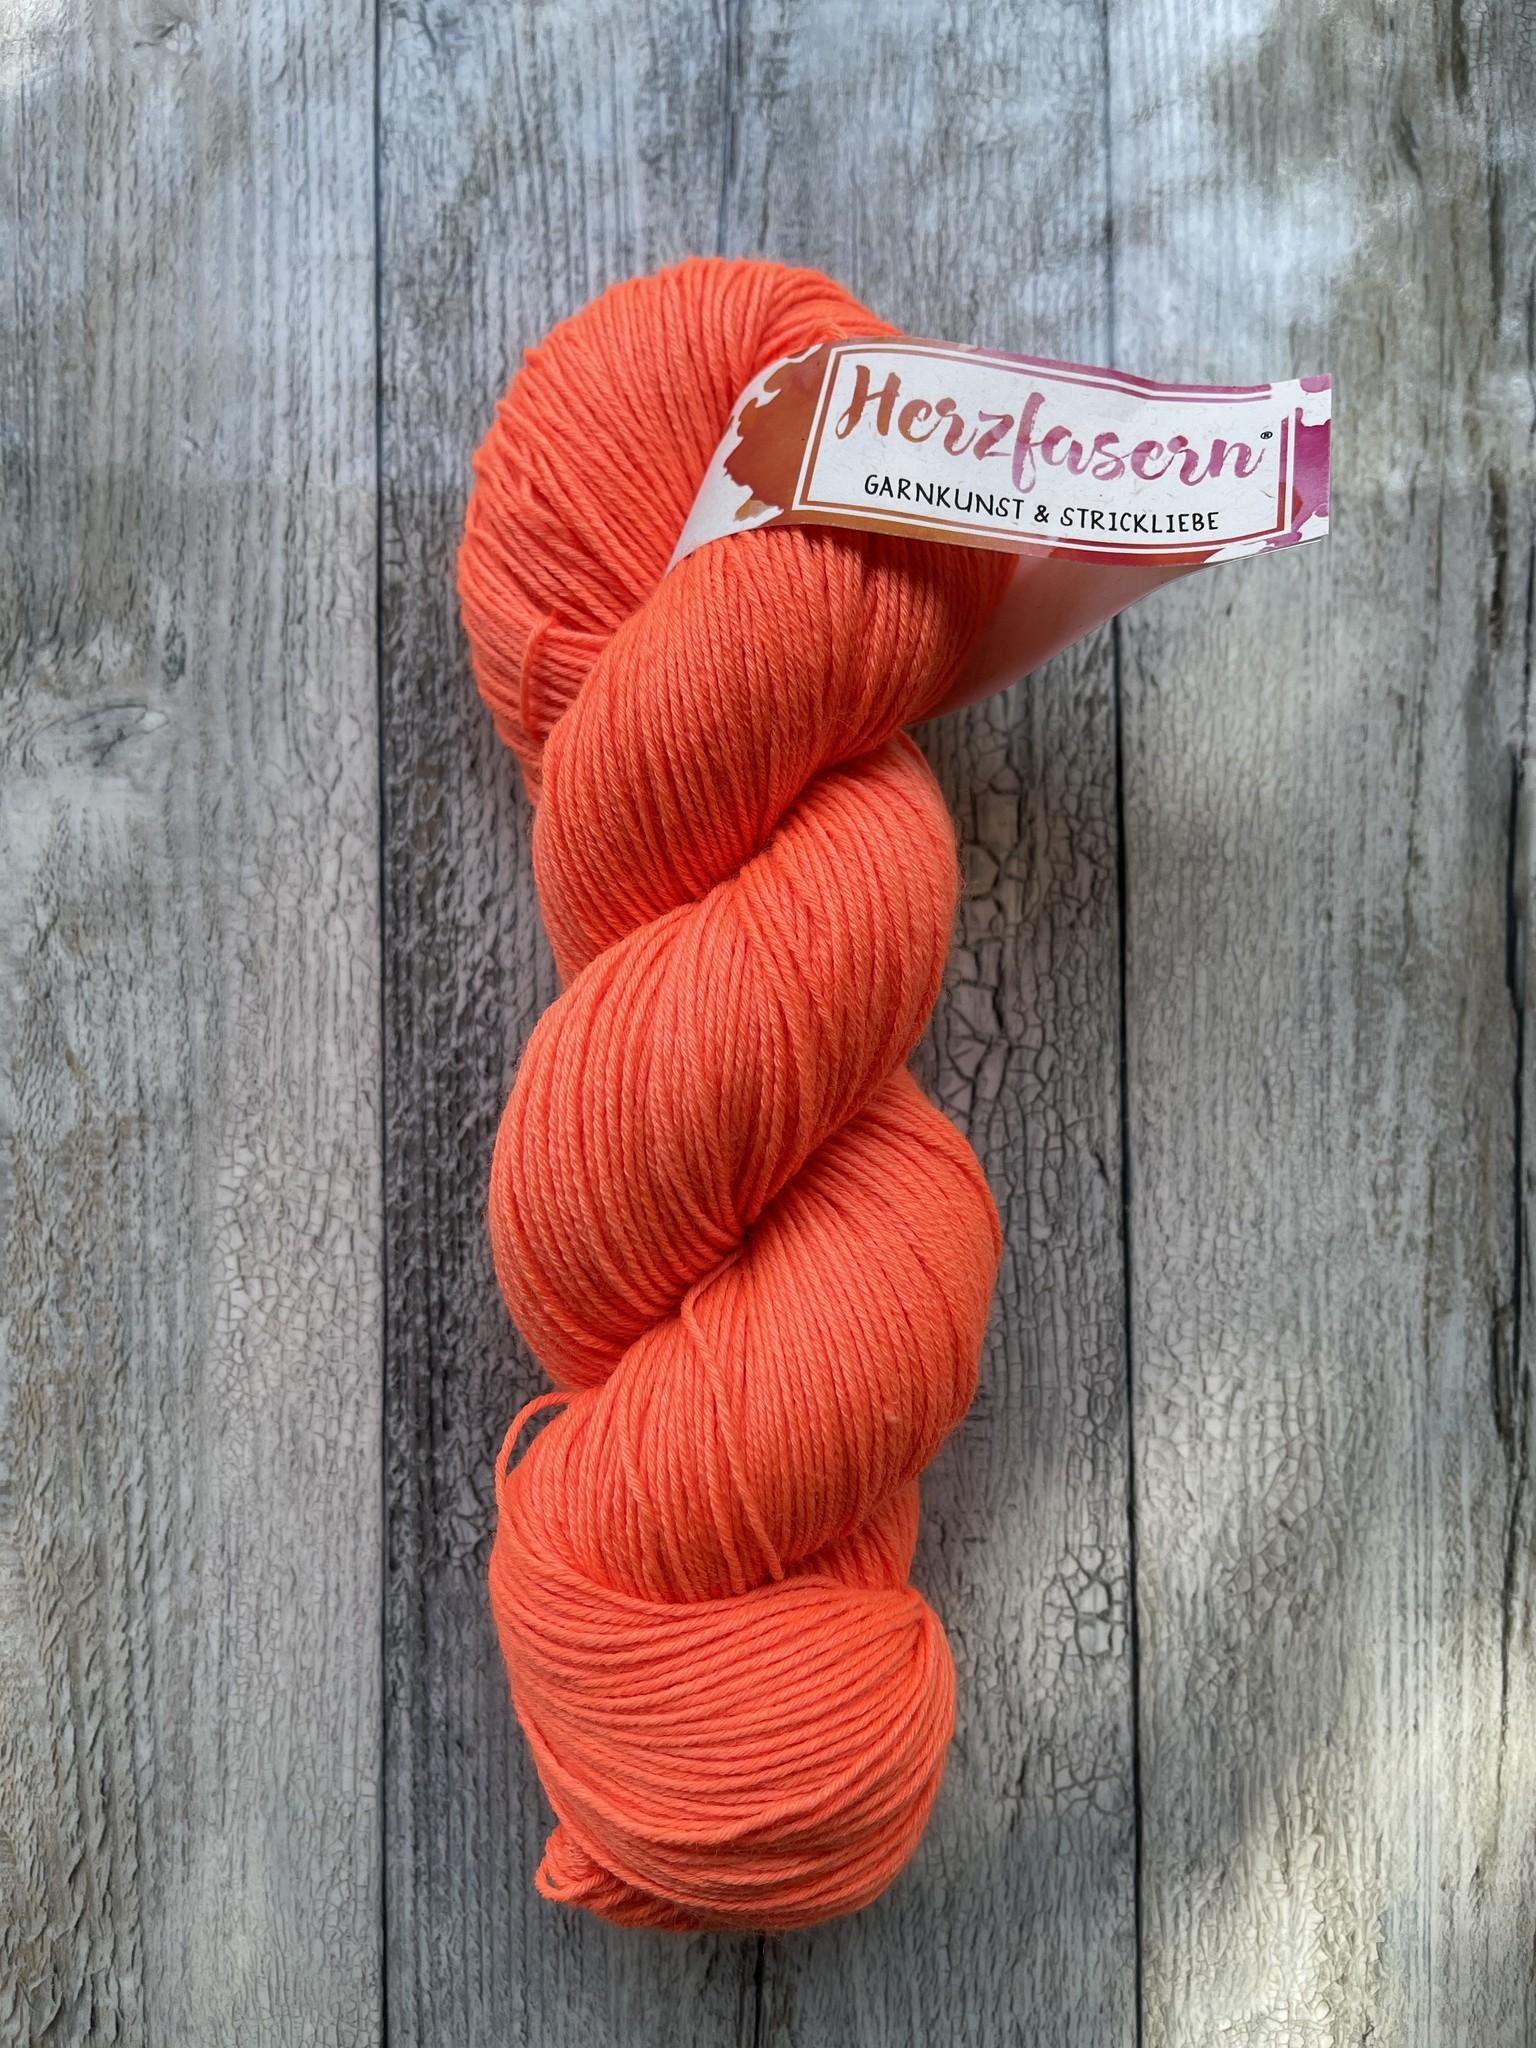 Herzfasern Merino/Seide - Orange -Neon